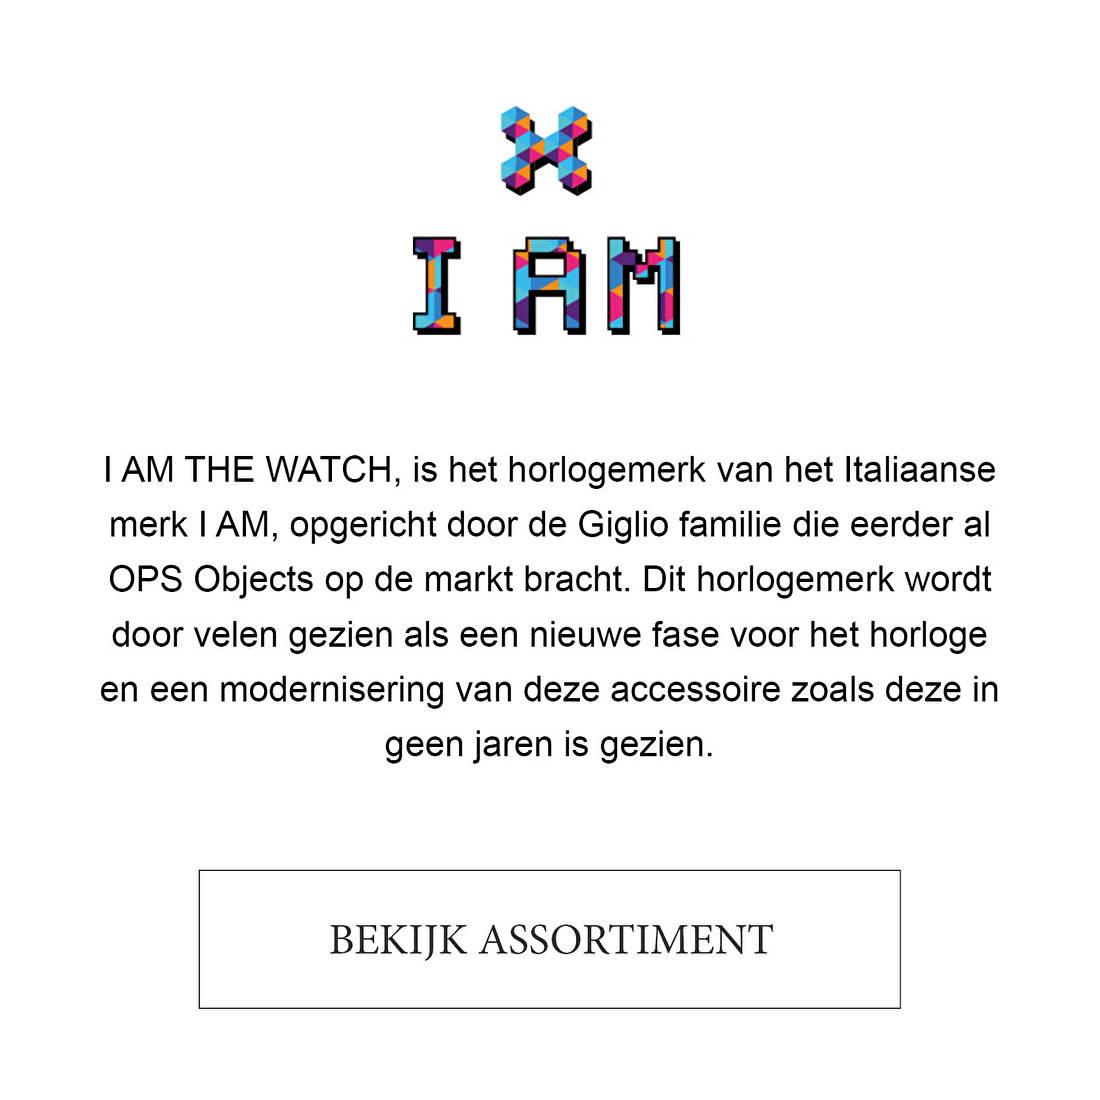 I AM THE WATCH, is het horlogemerk van het Italiaanse merk I AM, opgericht door de Giglio familie die eerder al OPS Objects op de markt bracht. Dit horlogemerk wordt door velen gezien als een nieuwe fase voor het horloge en een modernisering van deze accessoire zoals deze in geen jaren is gezien.